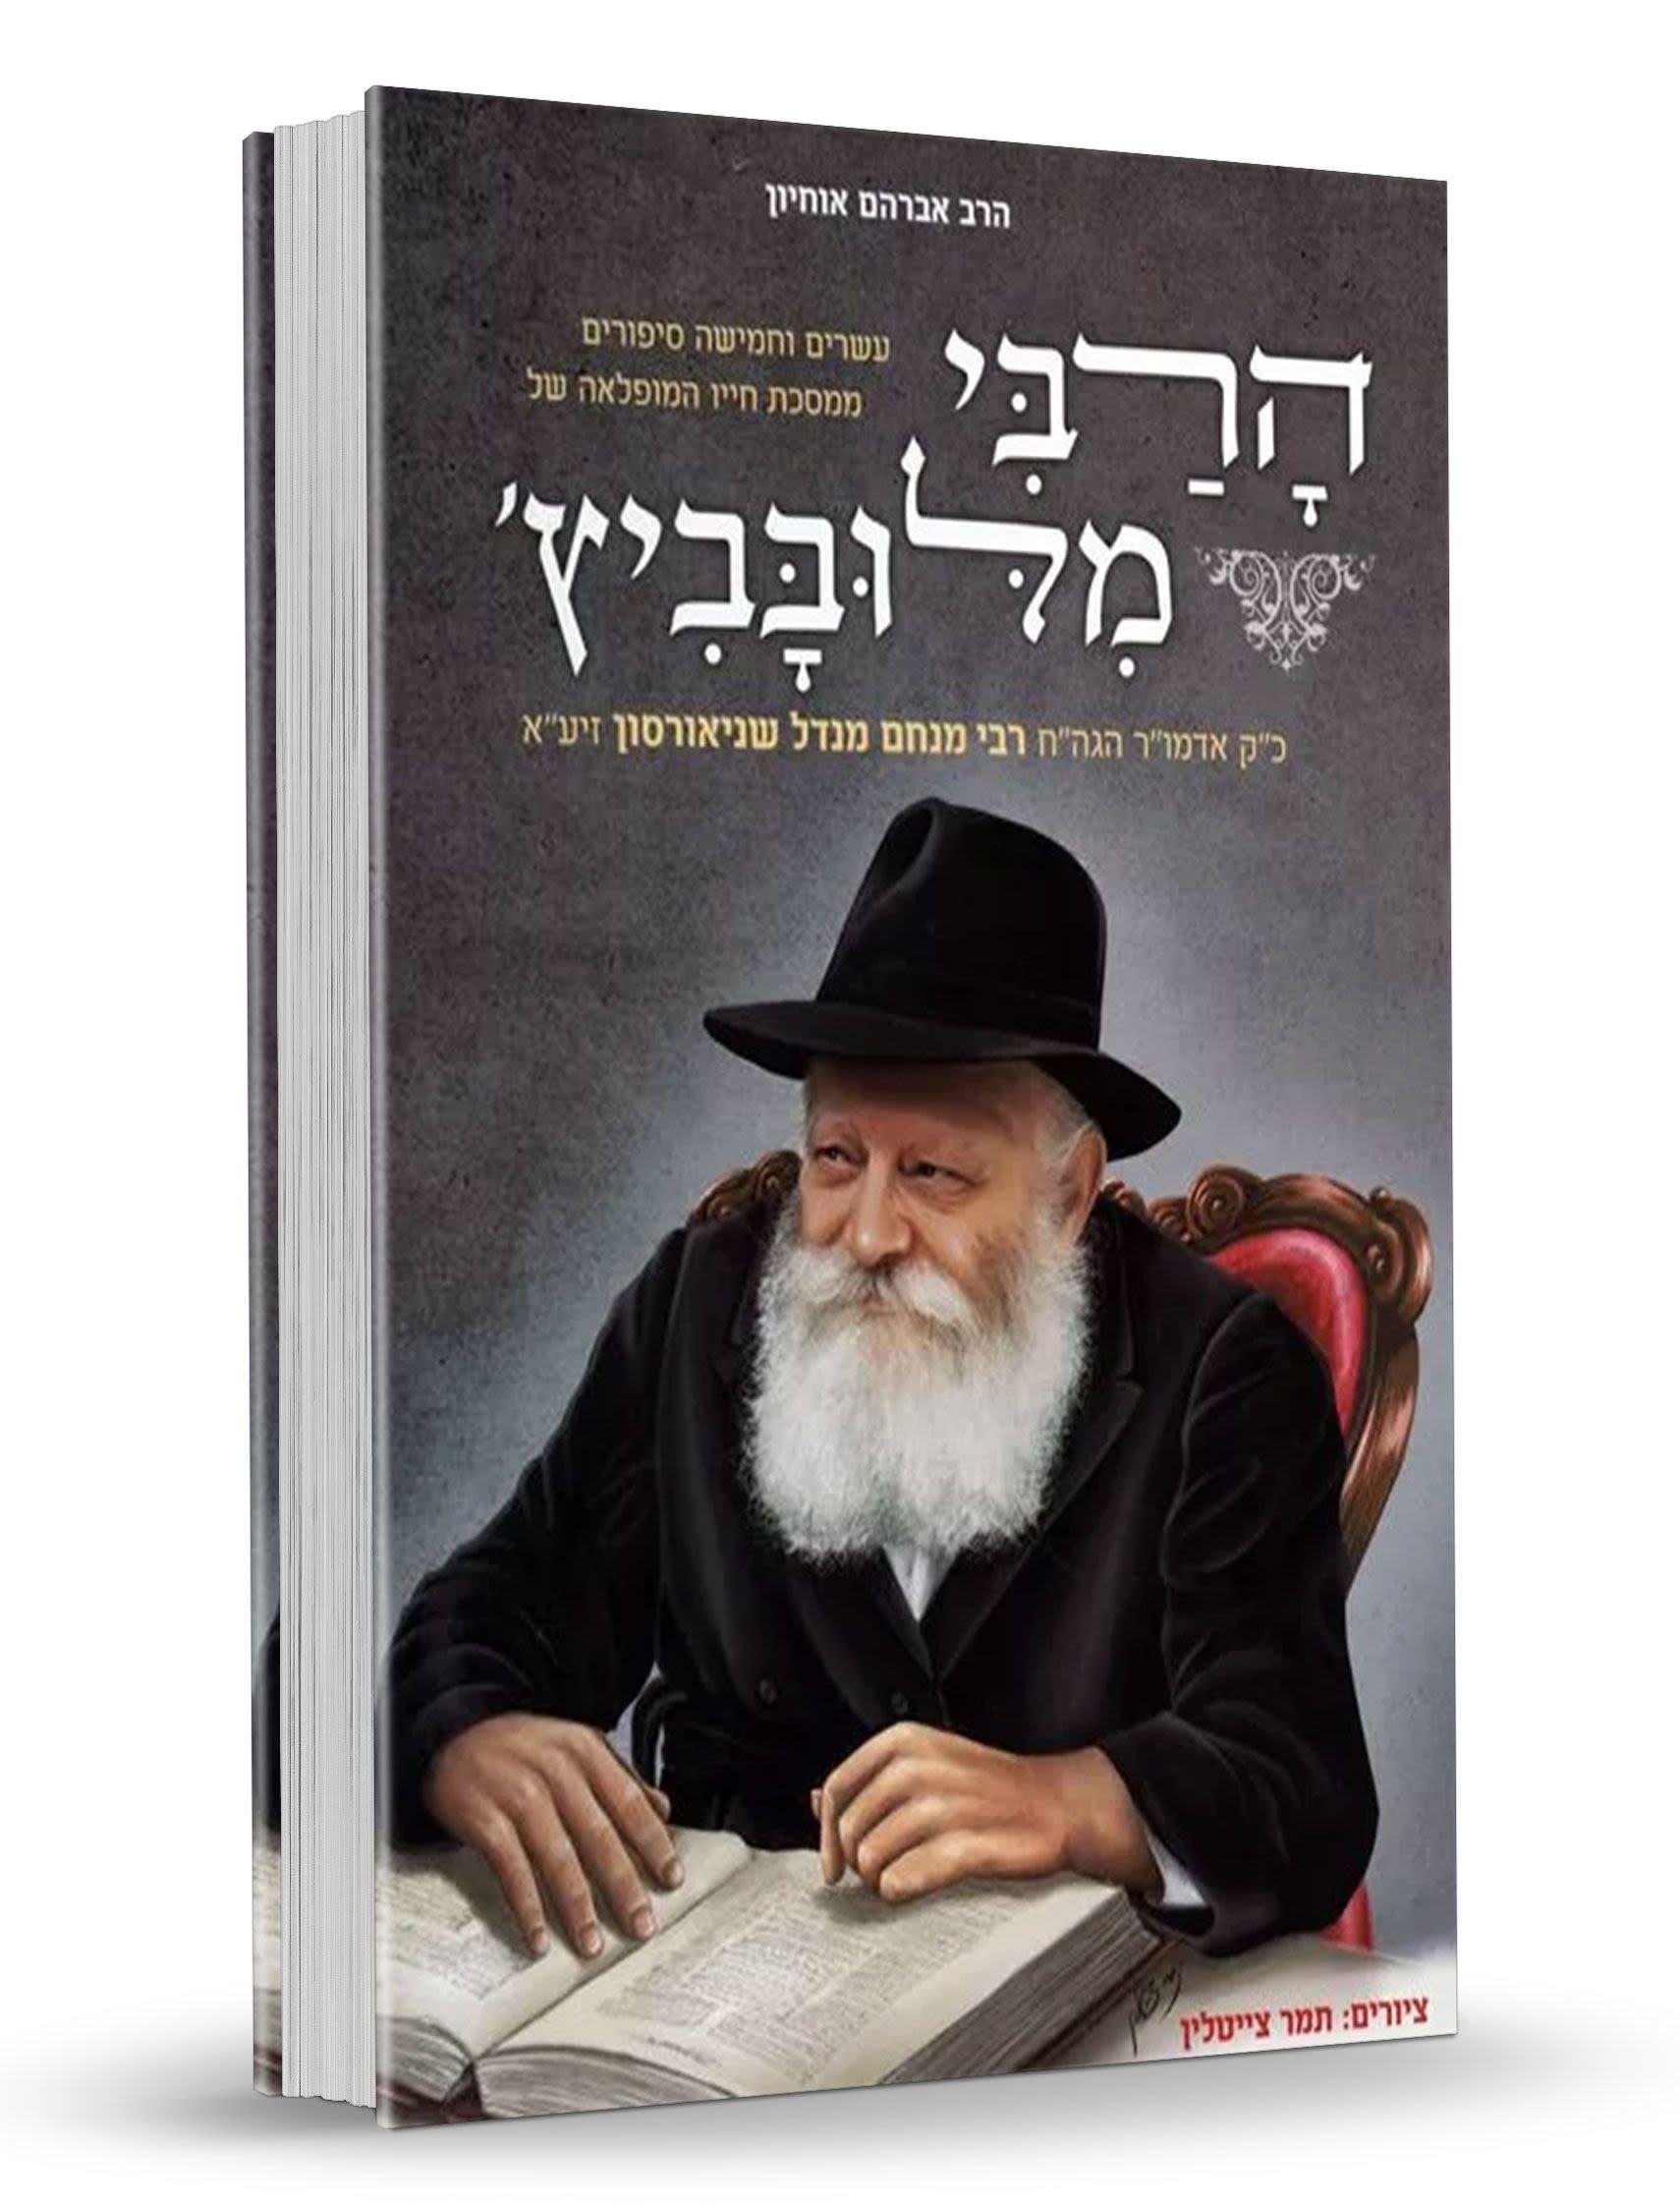 הרבי מלובביץ', סיפורים ממסכת חייו